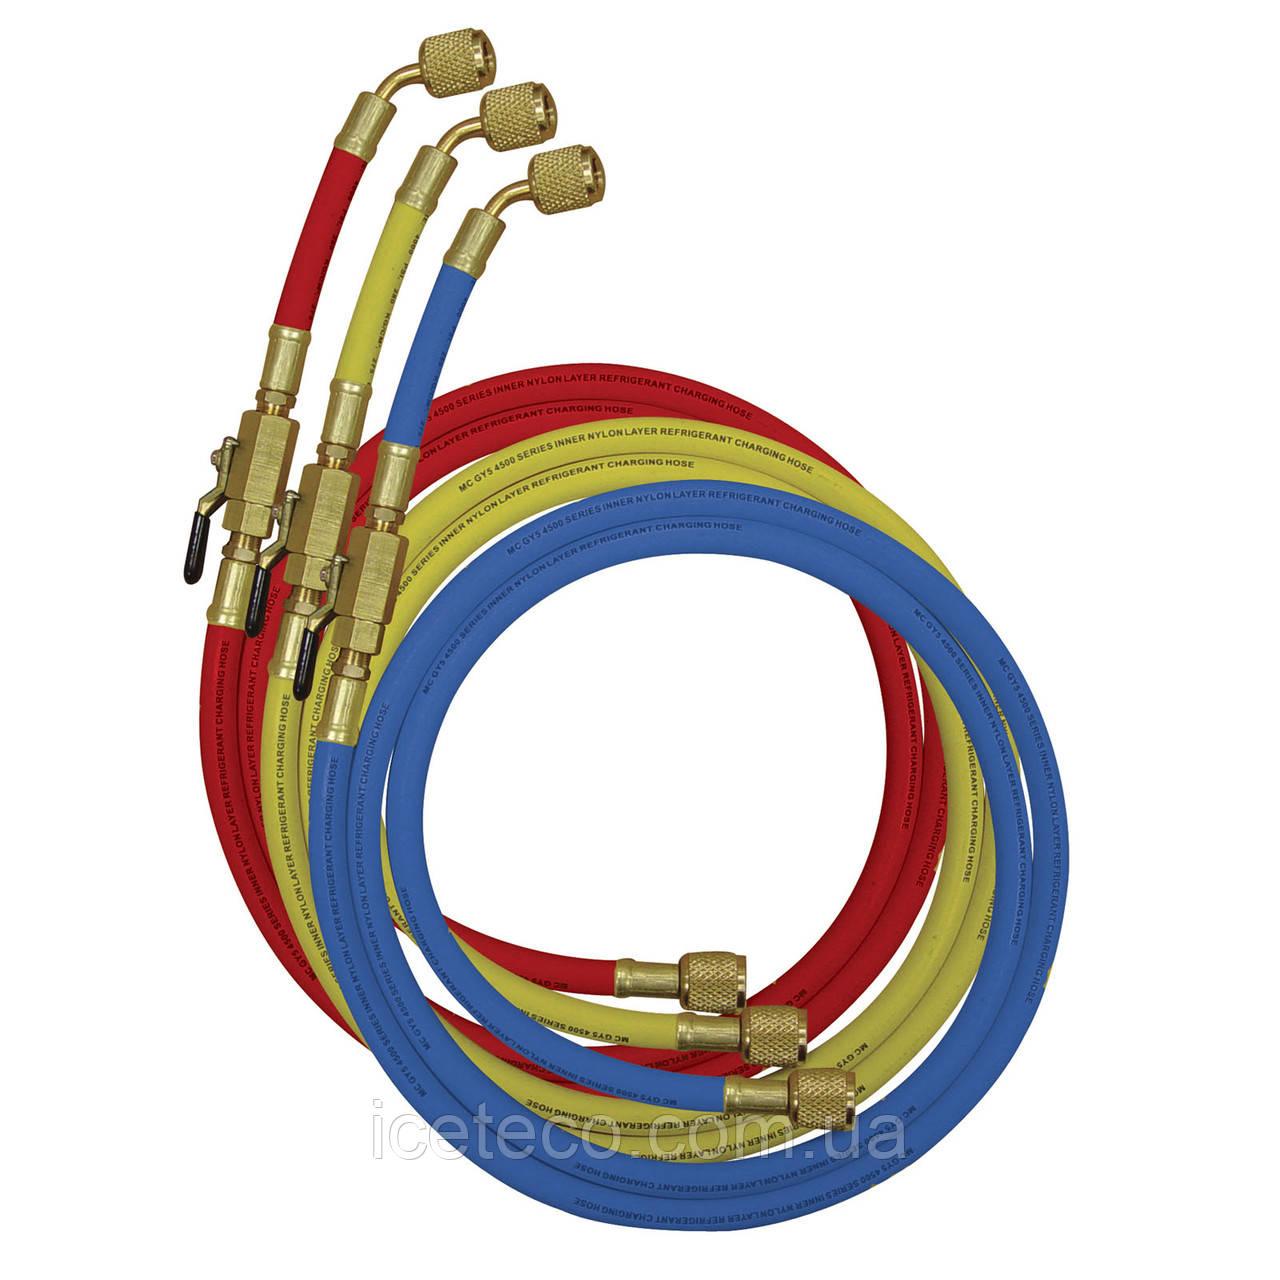 Комплект заправочных шлангов 3х90 см с вентилями МС 90262-36E  Mastercool